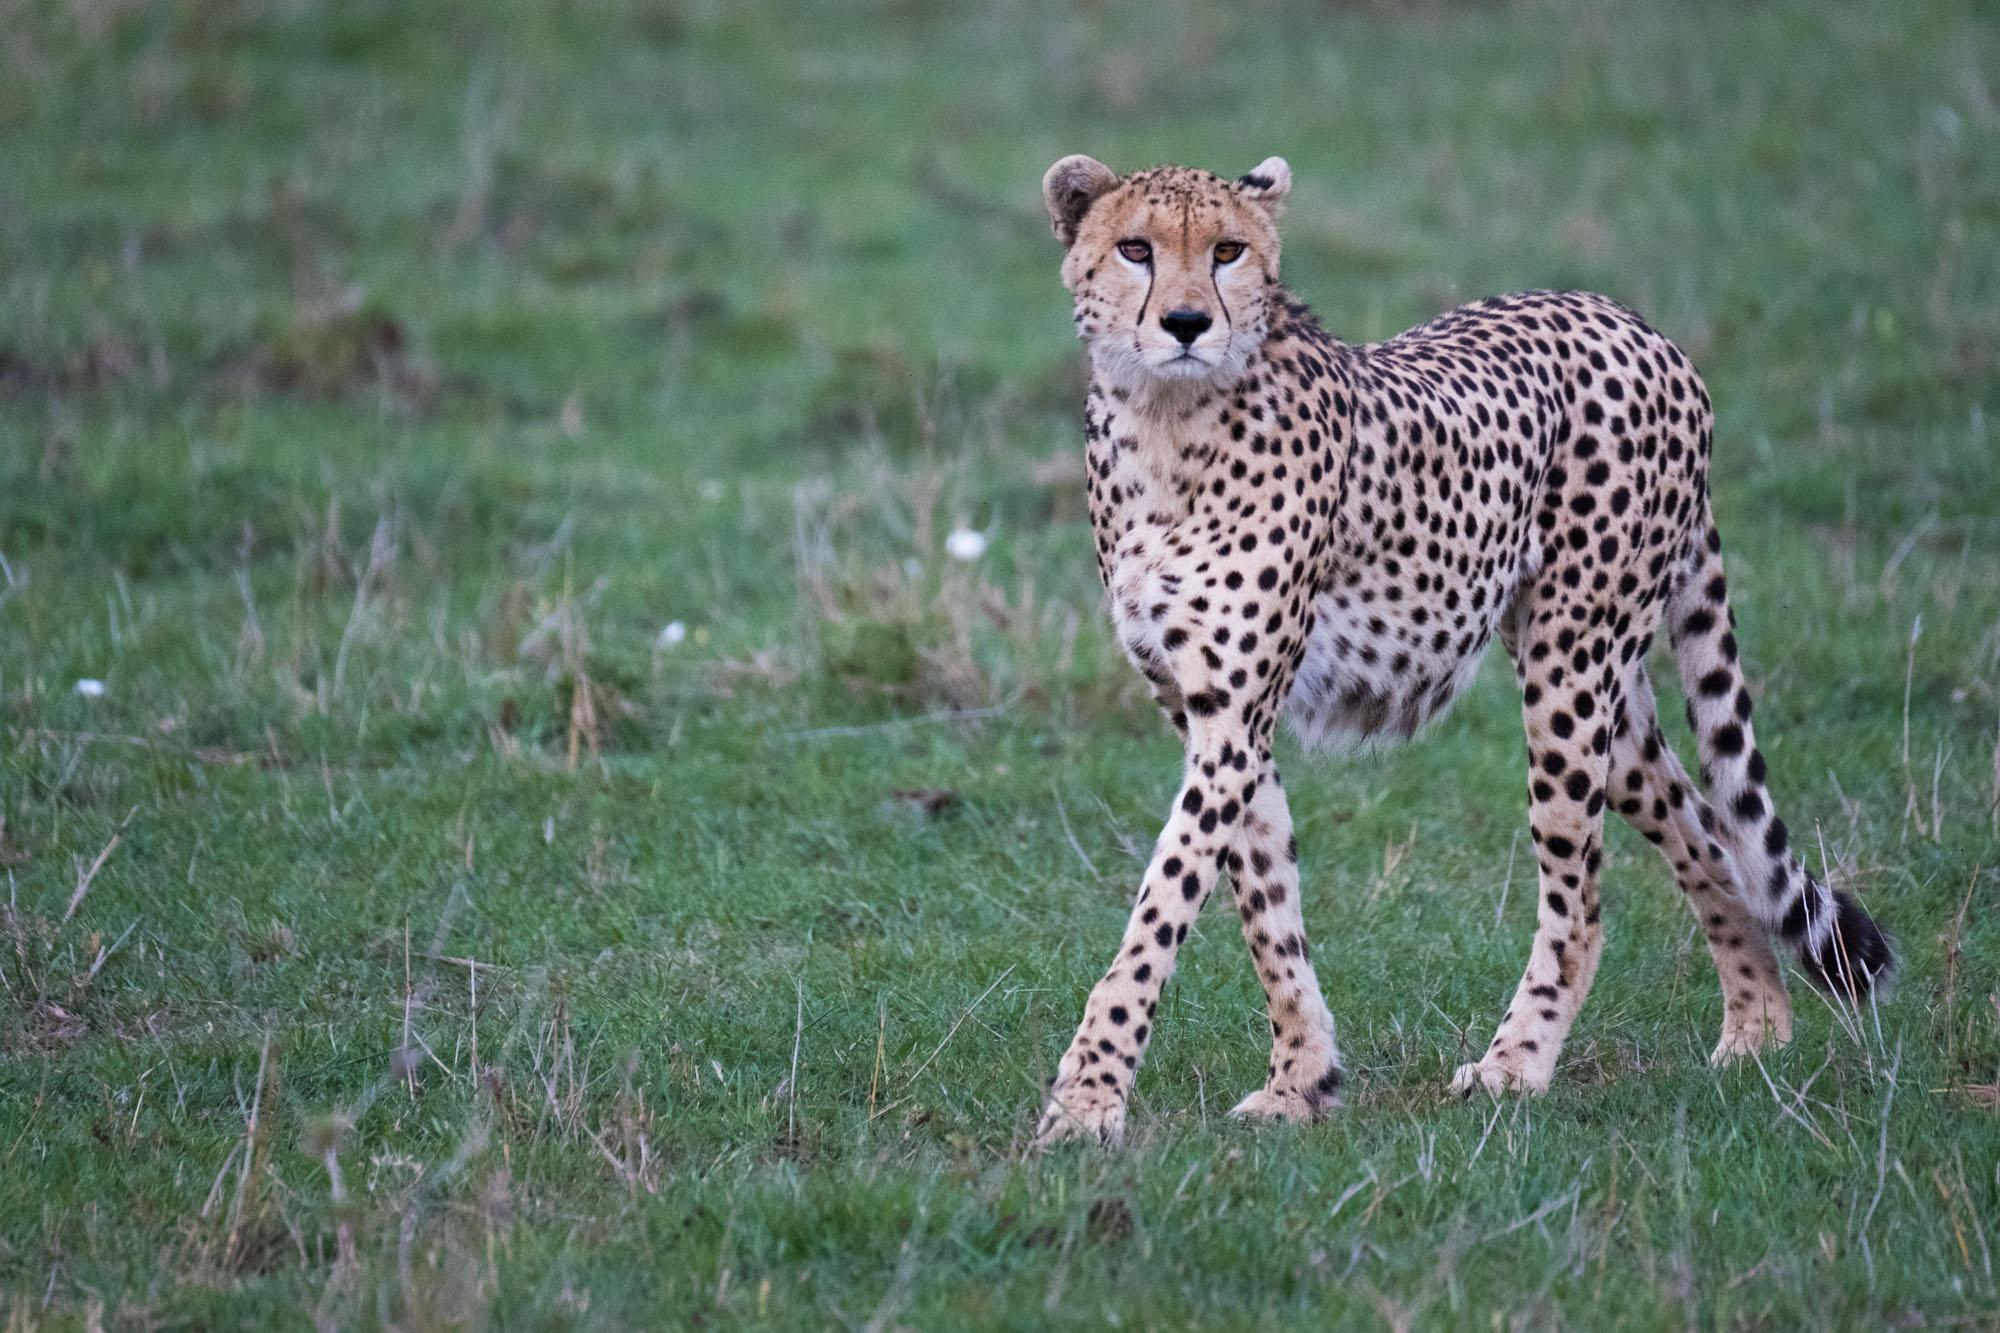 cheetah-mara-kenya-2018-01-12.jpg.jpg